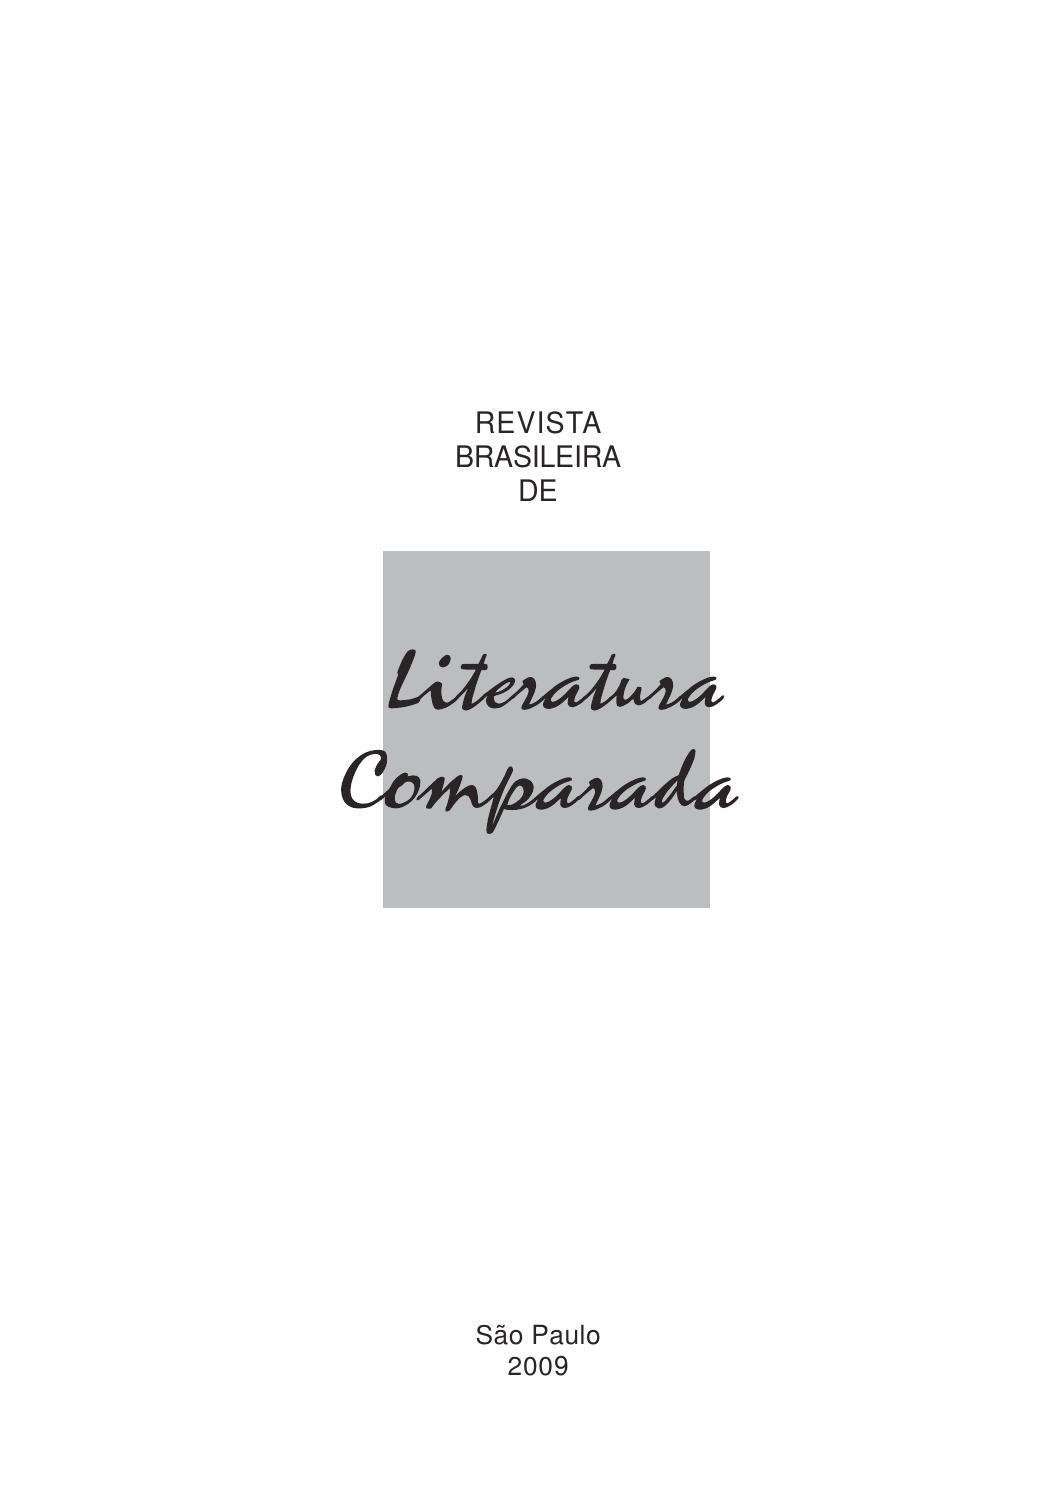 b29a47b765 Edição Nº 14 - São Paulo